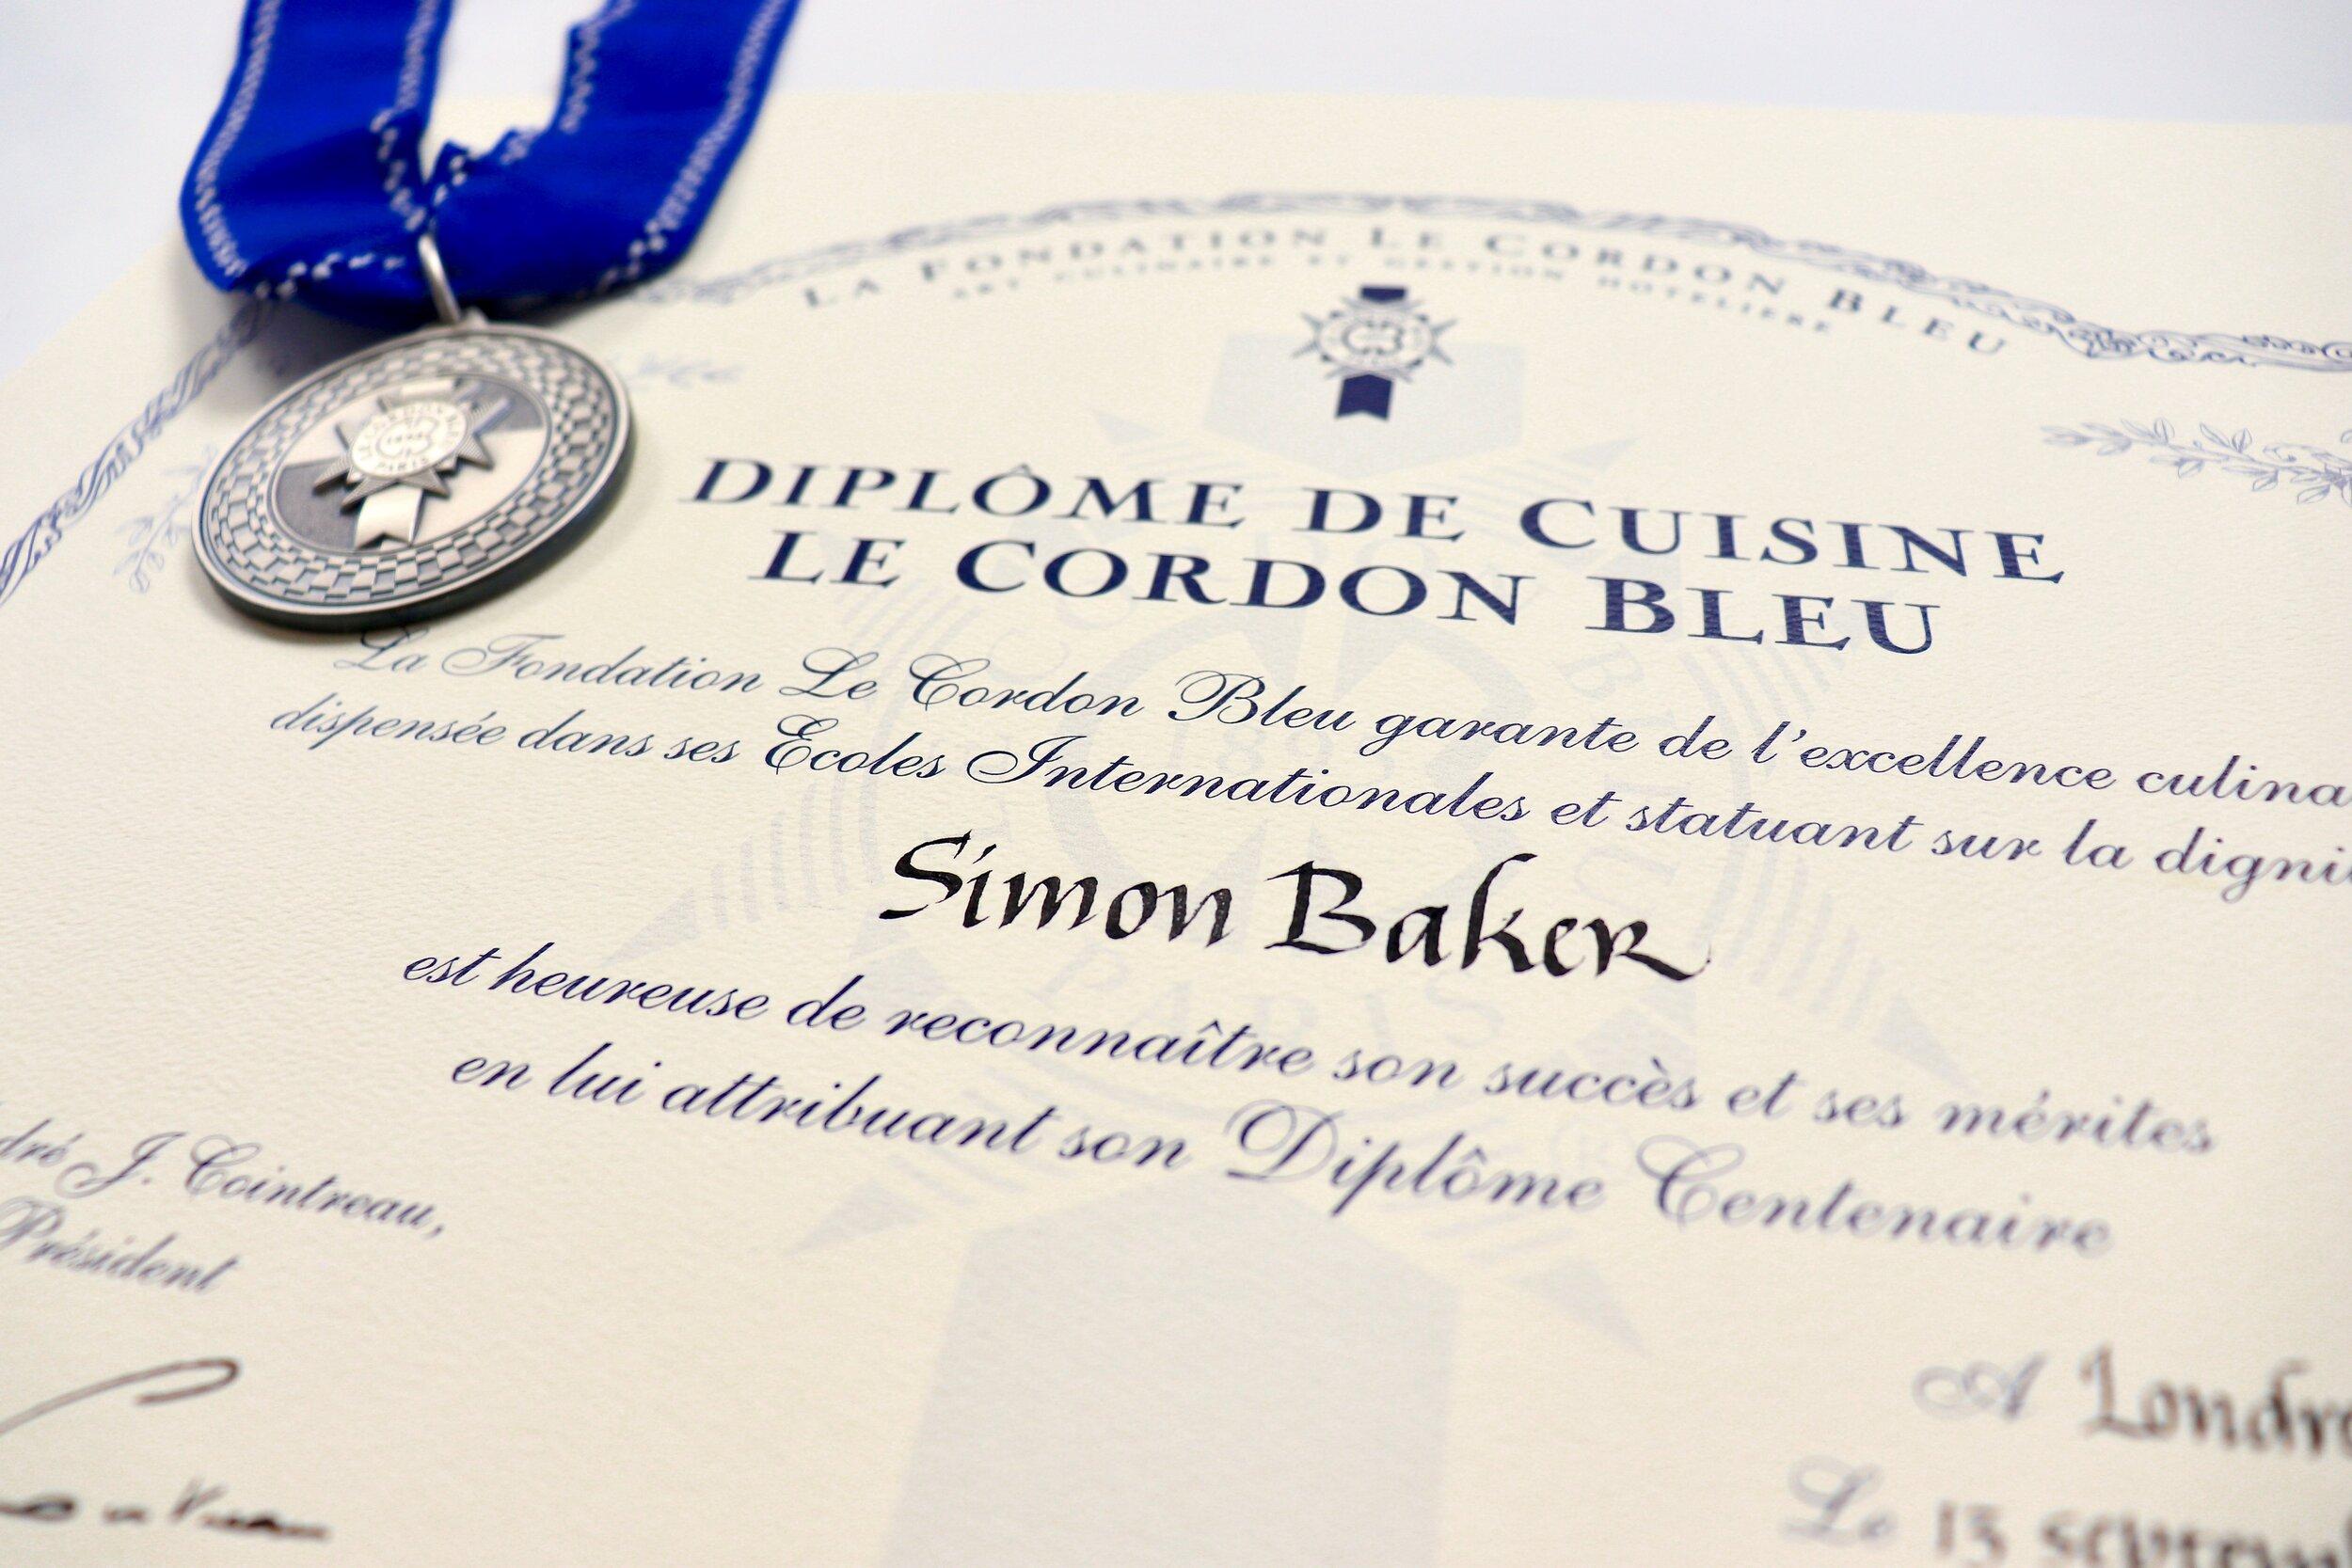 My very own Diplôme de Cuisine from Le Cordon Bleu